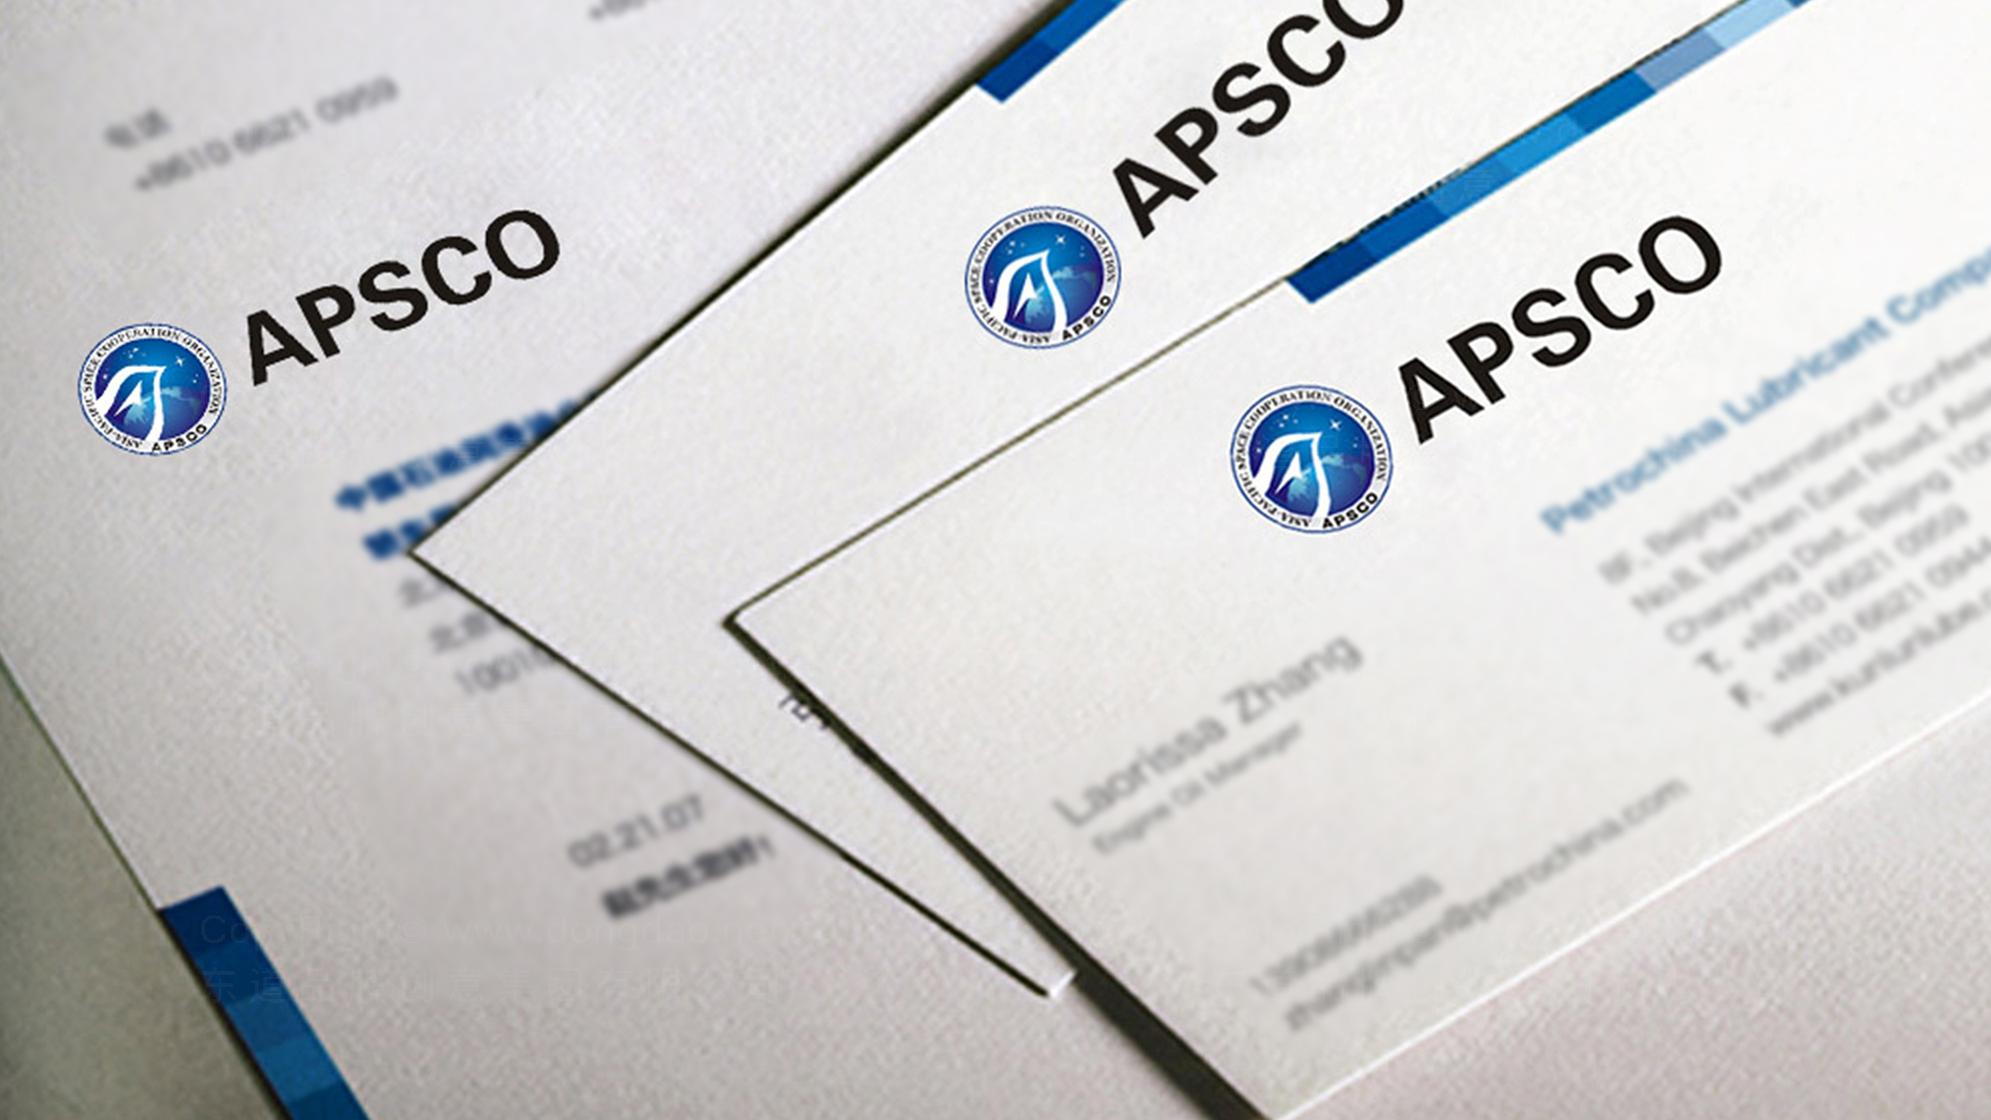 品牌设计亚太空间合作组织LOGO&VI设计应用场景